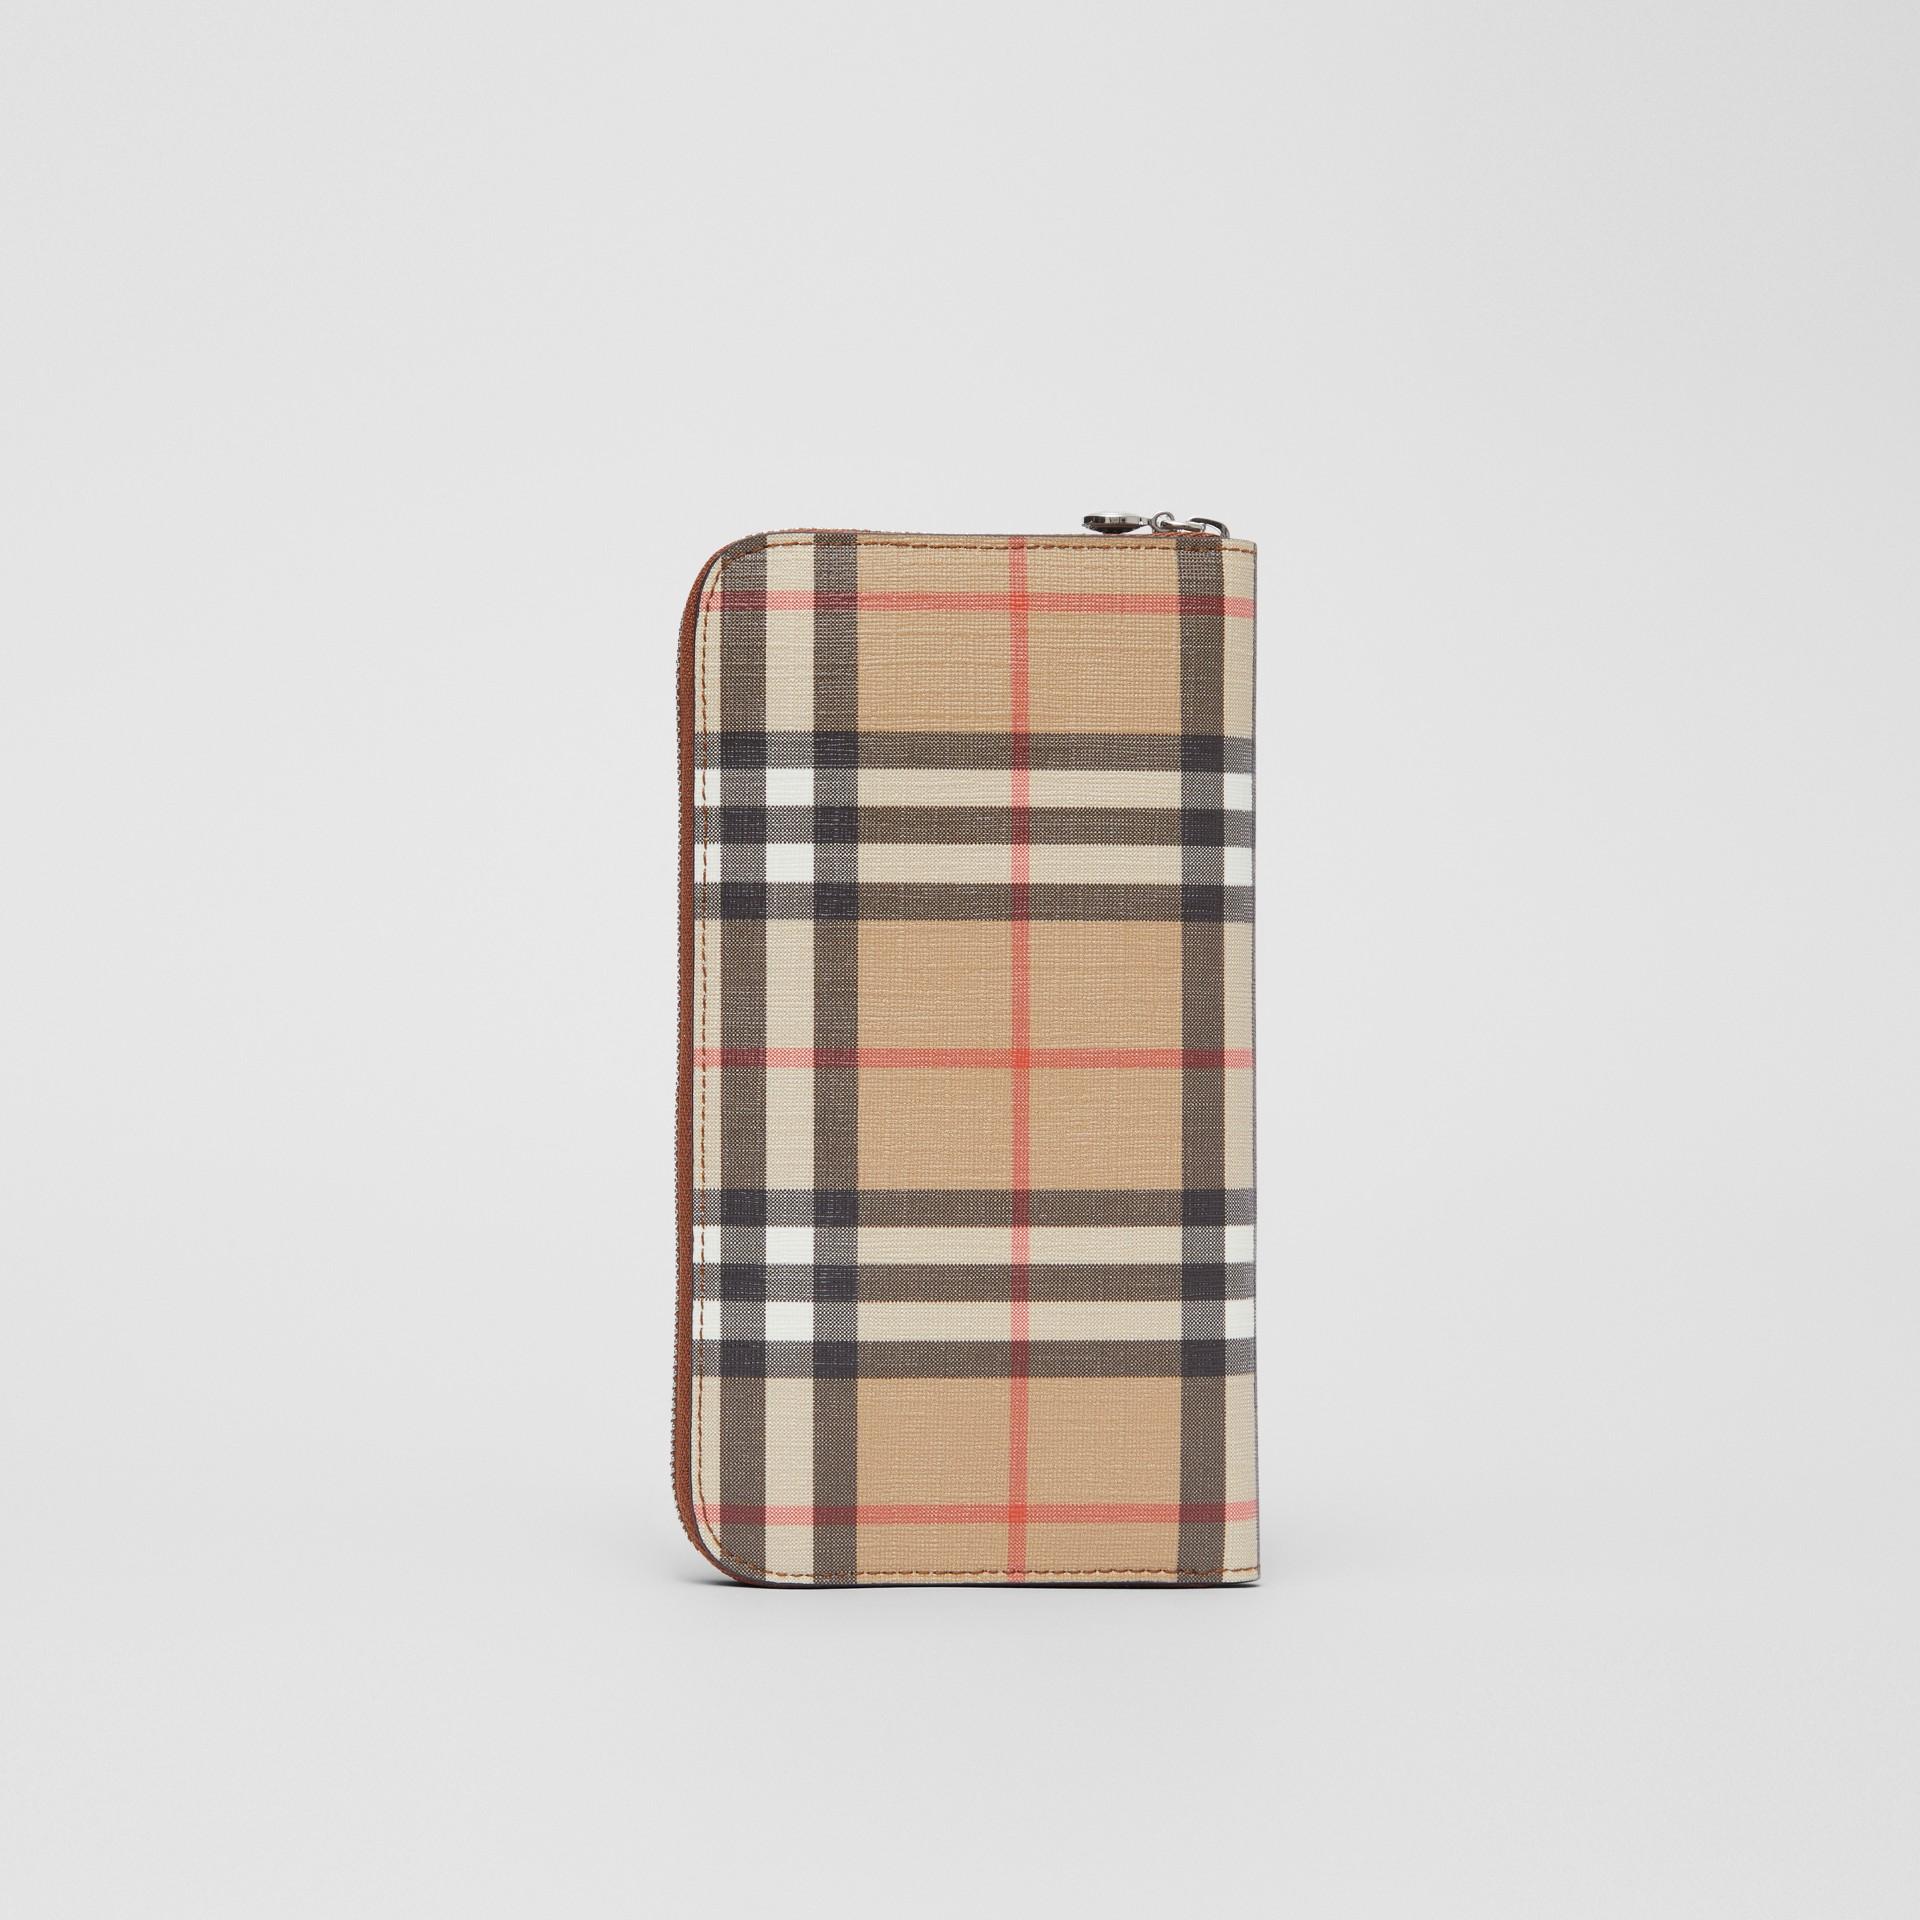 Portefeuille zippé en toile écologique Vintage check (Brun Malt) - Femme | Burberry - photo de la galerie 4